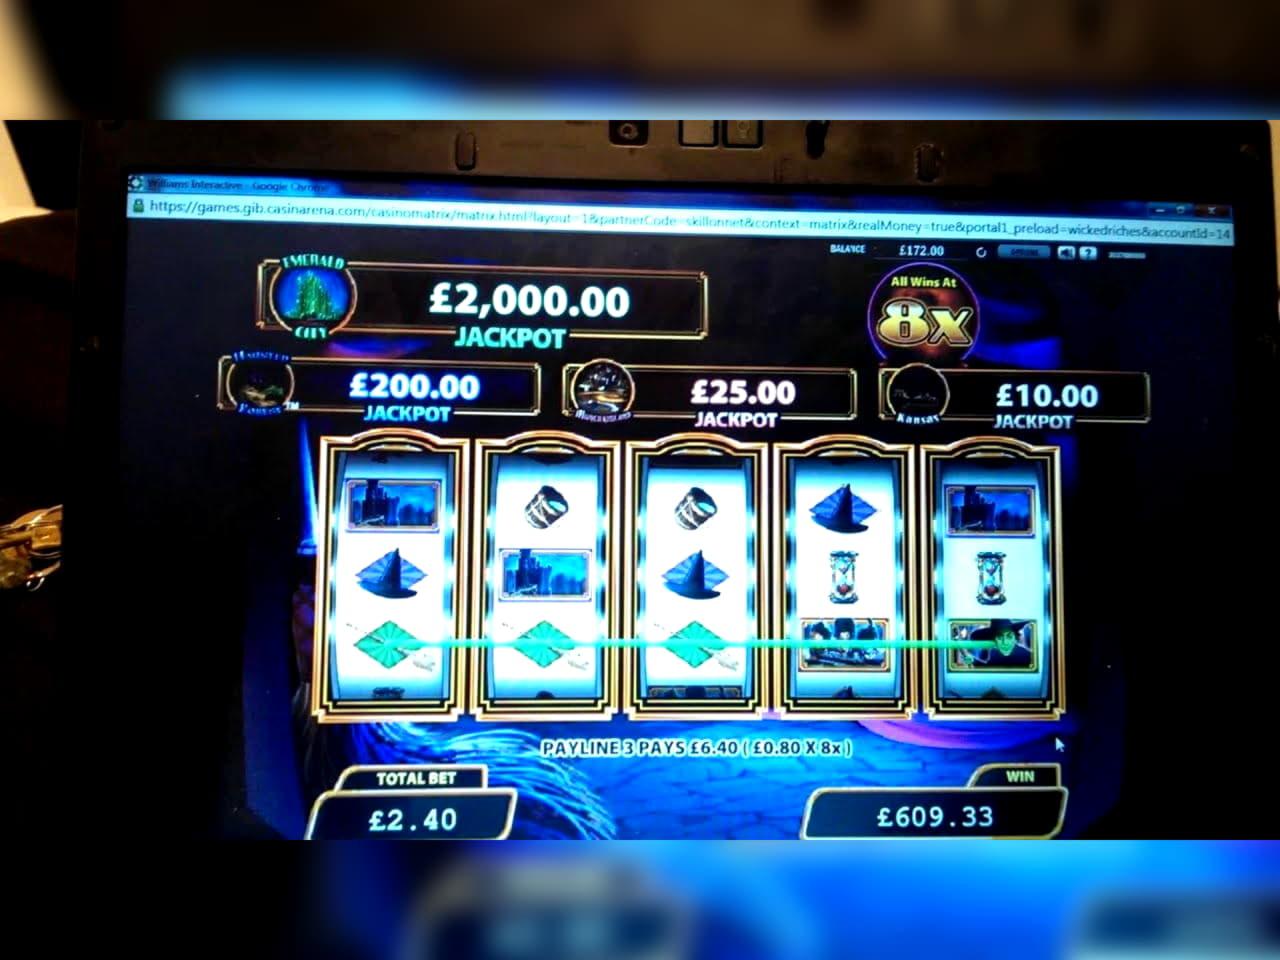 Eur 1835 no deposit bonus code at Casino Classic